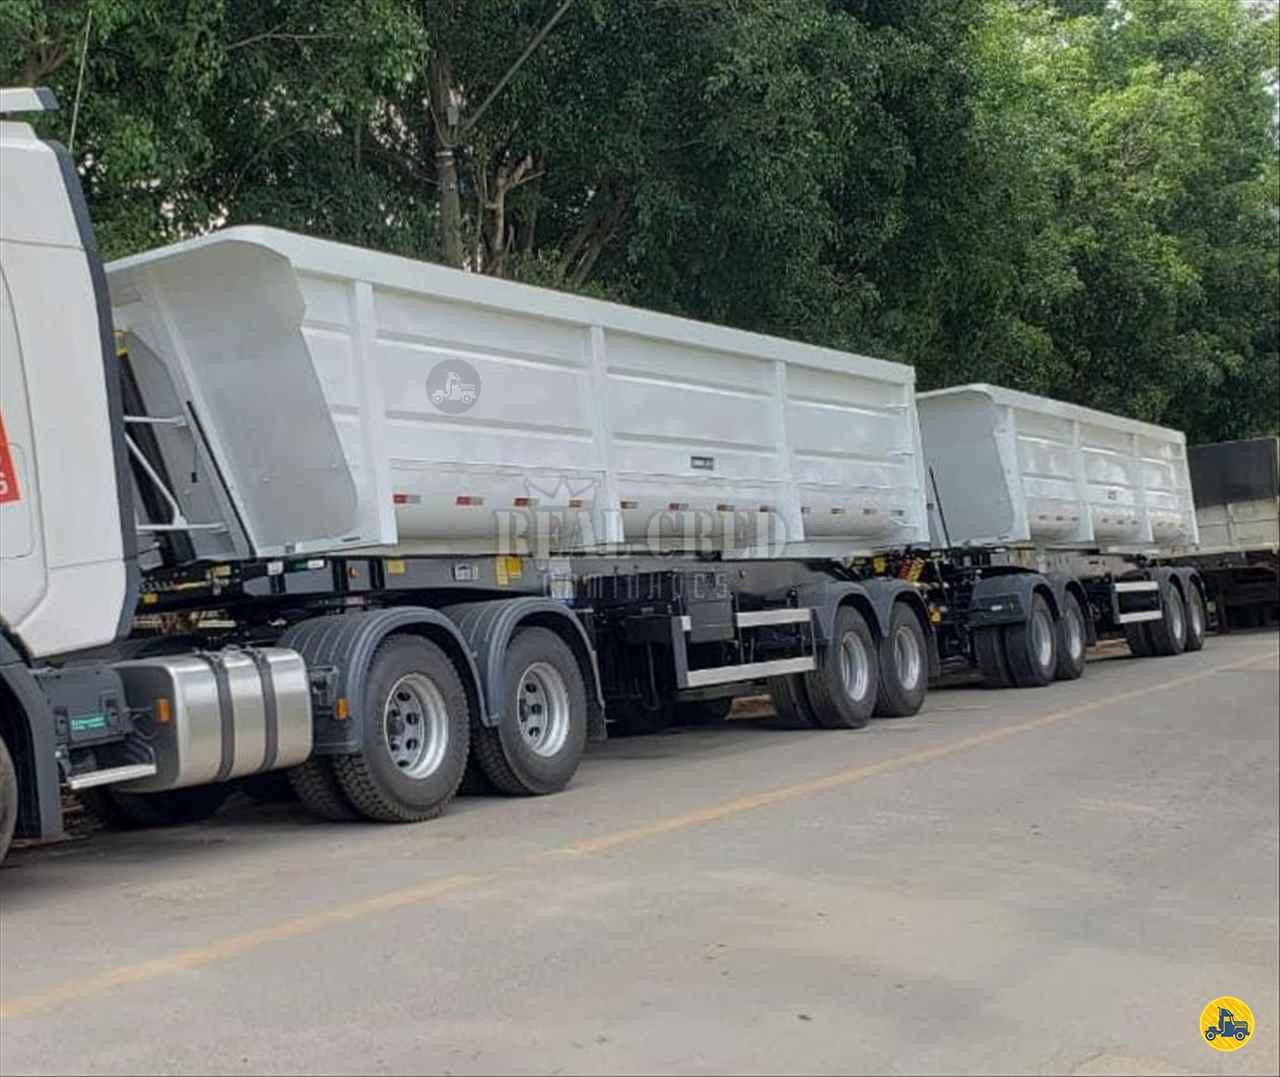 CARRETA RODOTREM BASCULANTE Real Cred Caminhões PIEDADE SÃO PAULO SP